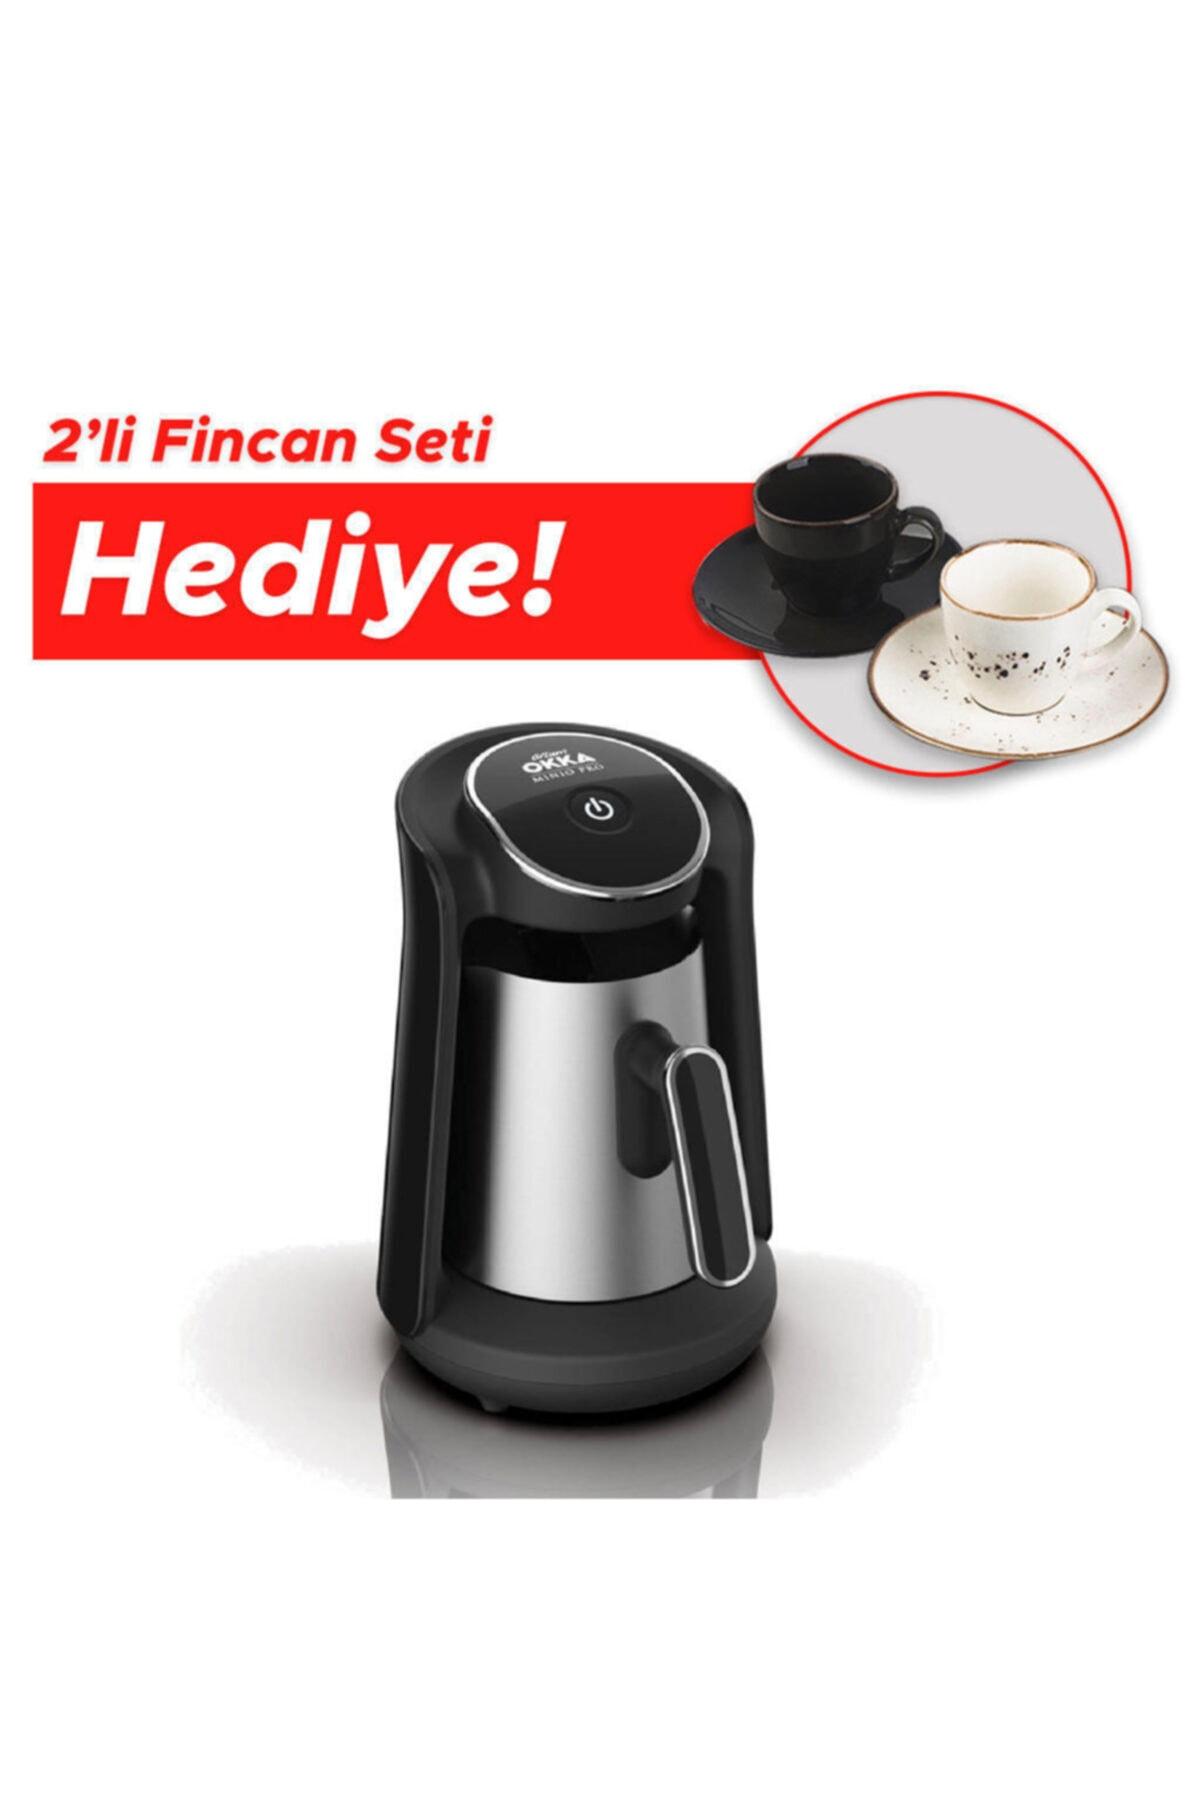 Arzum Ok0010-k Okka Minio Pro Türk Kahvesi Makinesi - Krom - 2'li Fincan Hediyeli 1